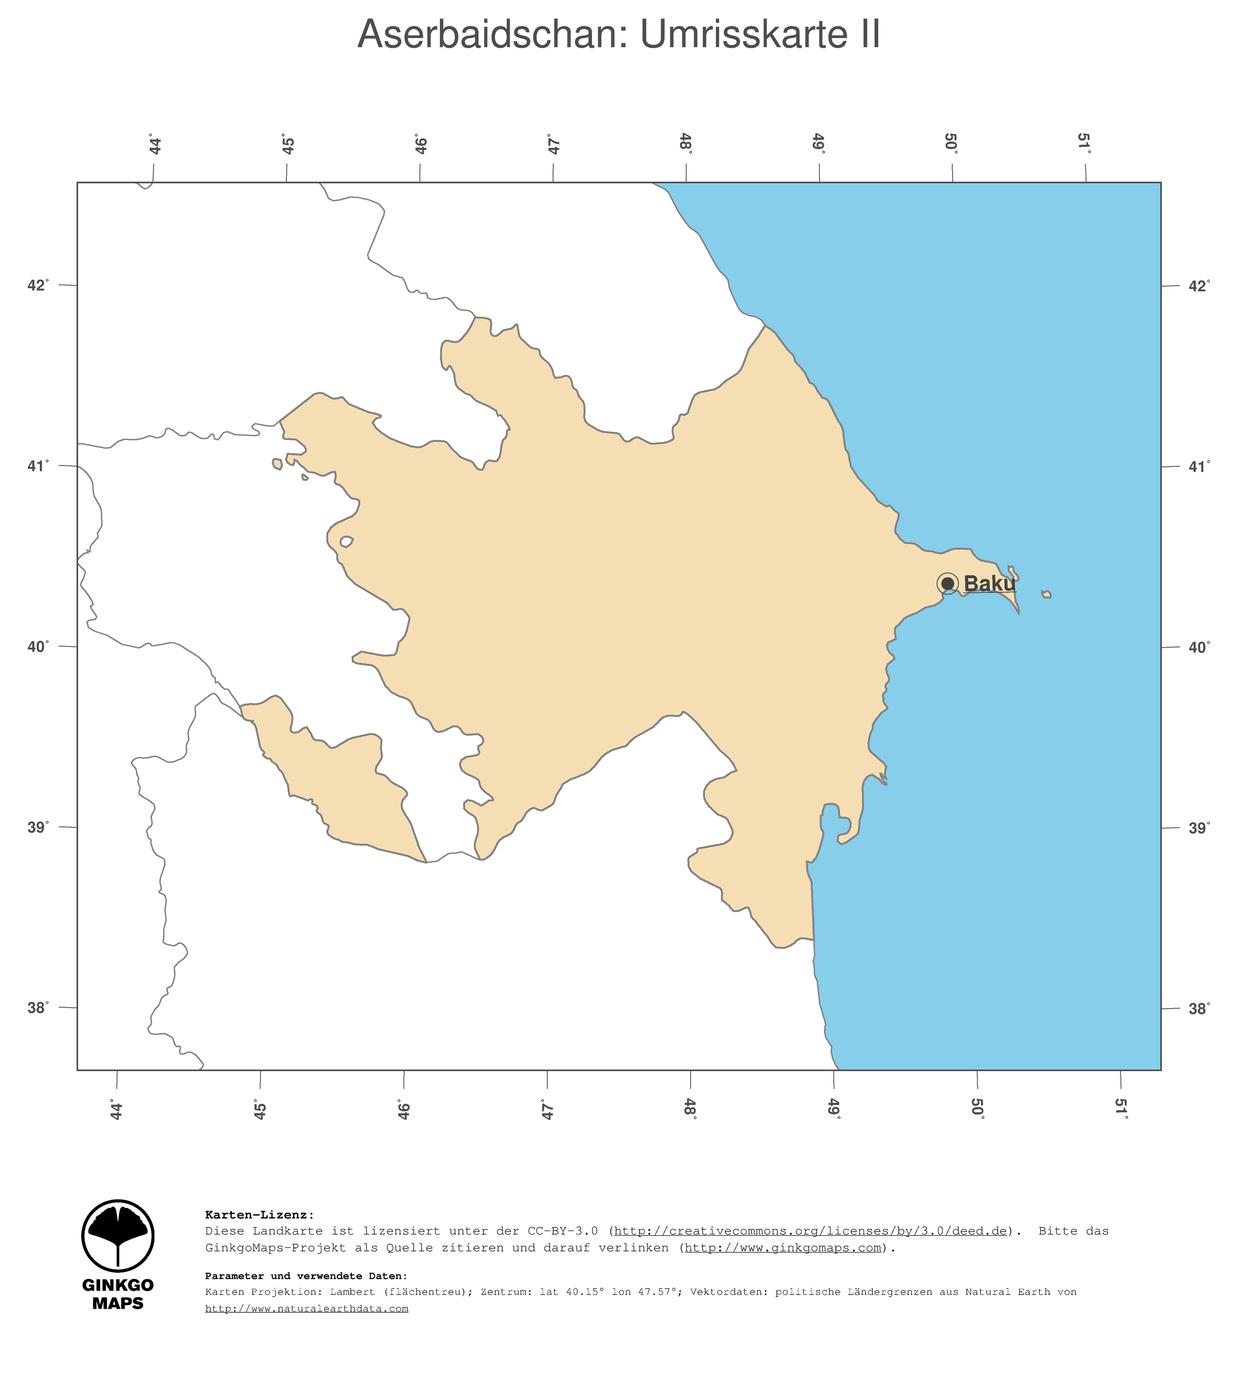 Landkarte Aserbaidschan Ginkgomaps Landkarten Sammlung Kontinent Asien Region Aserbaidschan